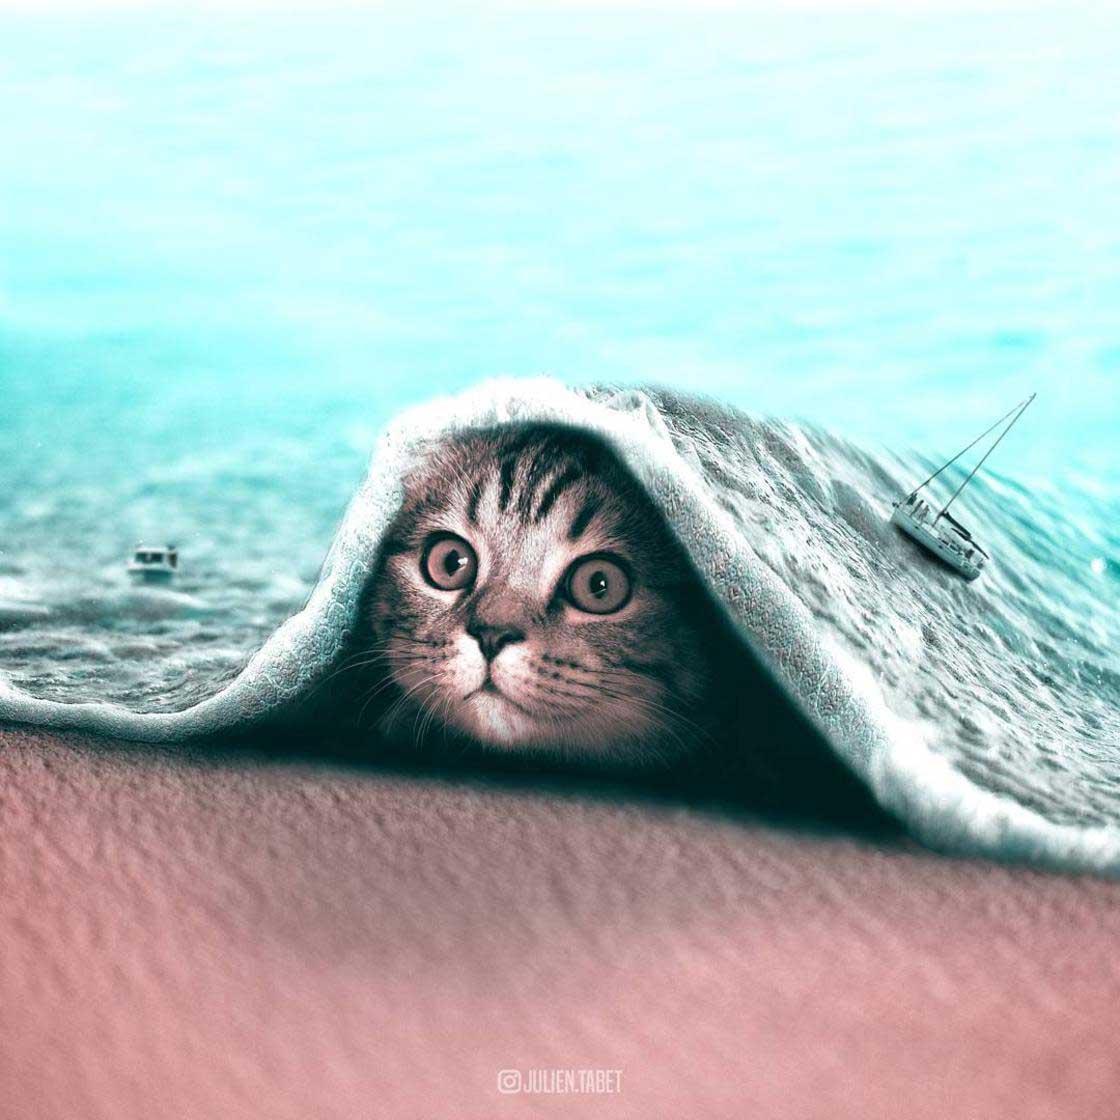 Ausgefallene Photoshop-Tiere Julien-Tabet_01